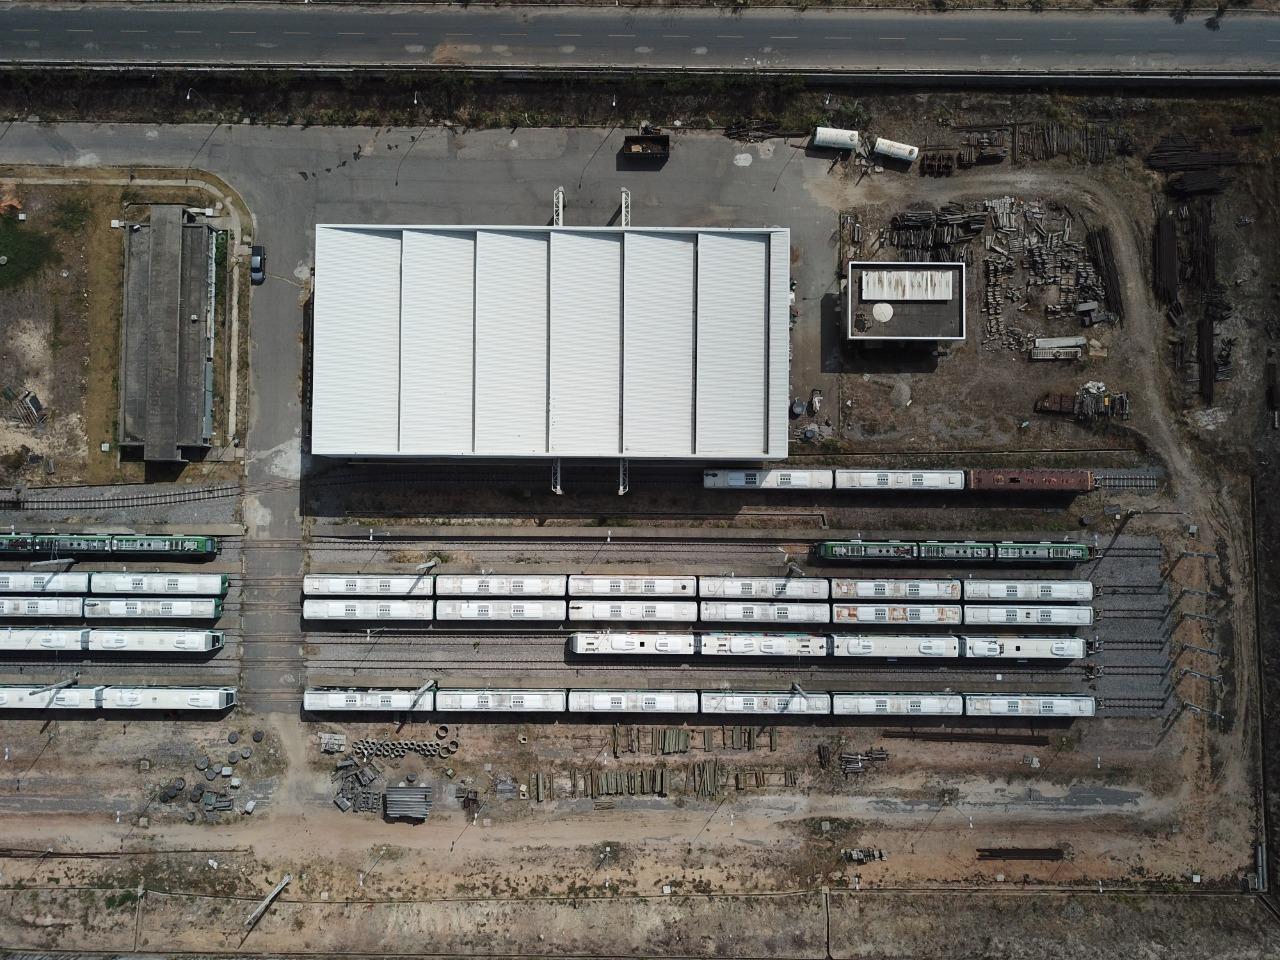 Vista aérea da frota de locomotivas e carros de passageiros que serão doados (Divulgação)